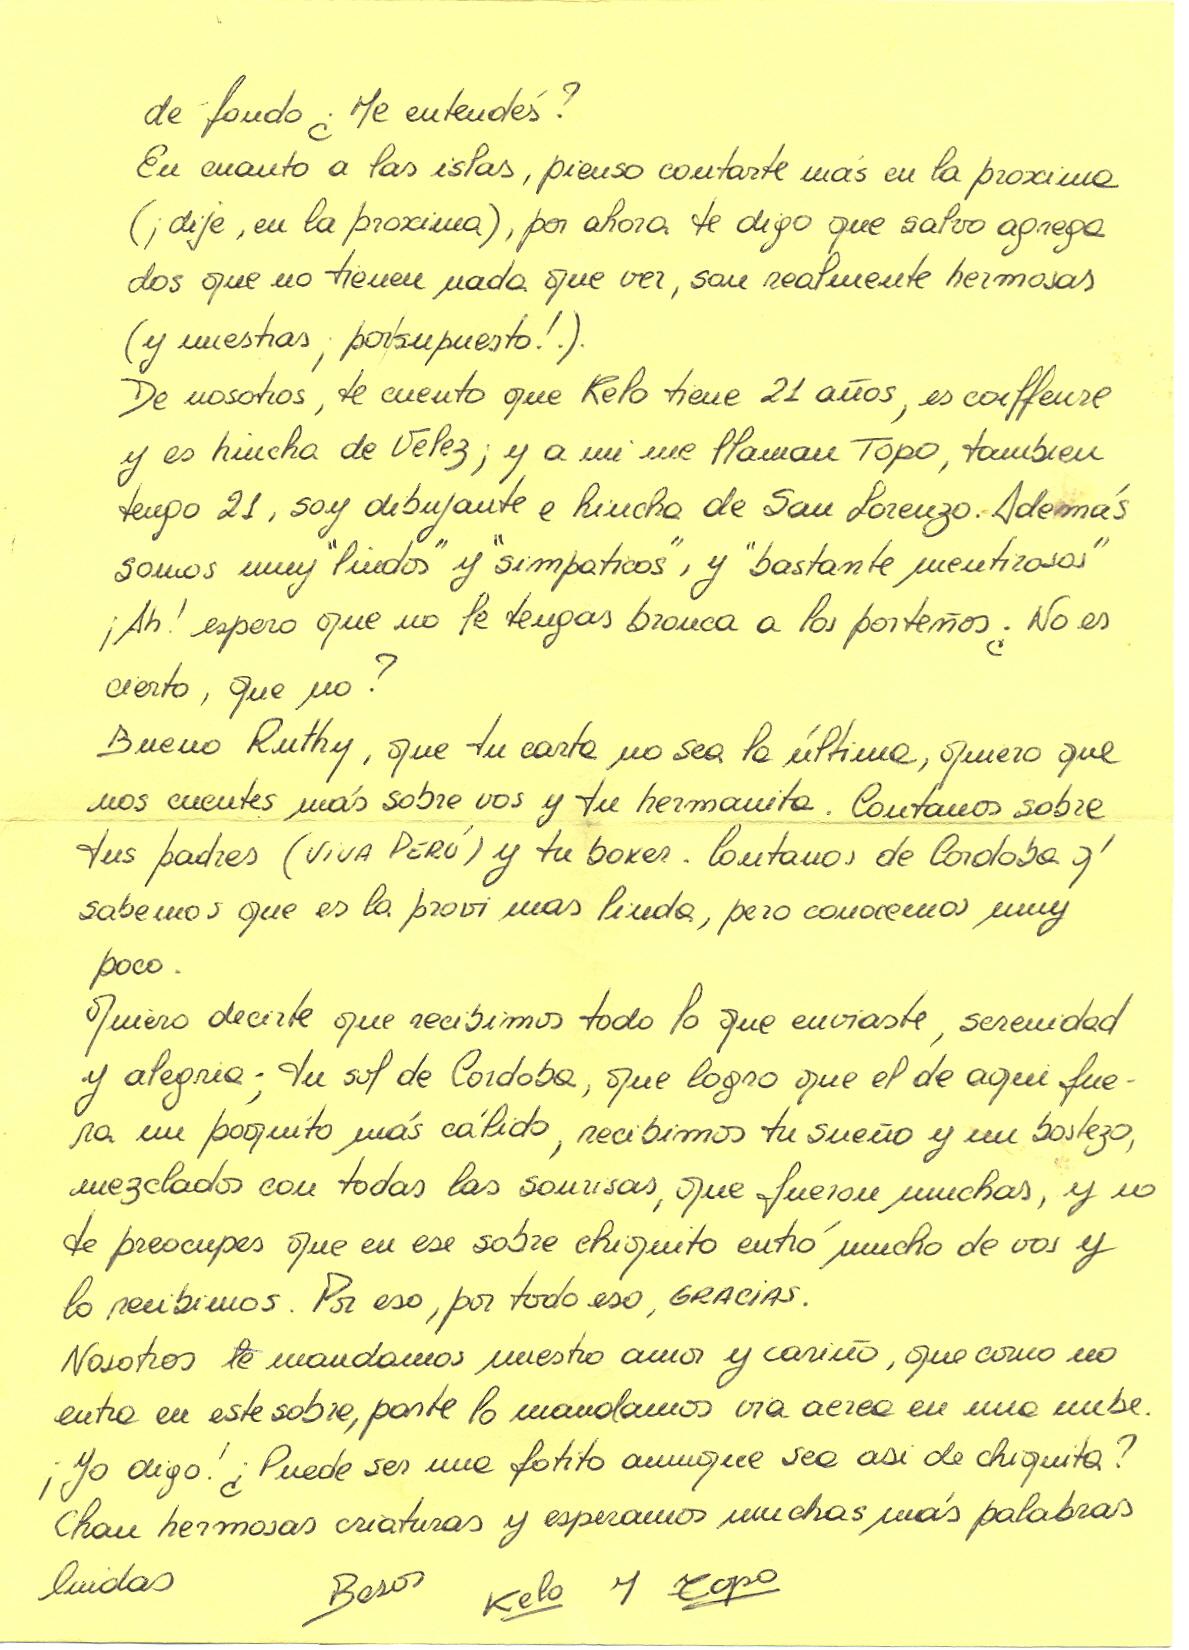 Carta De Sufrimiento Extremo Para Inmigracion Unifeed Club